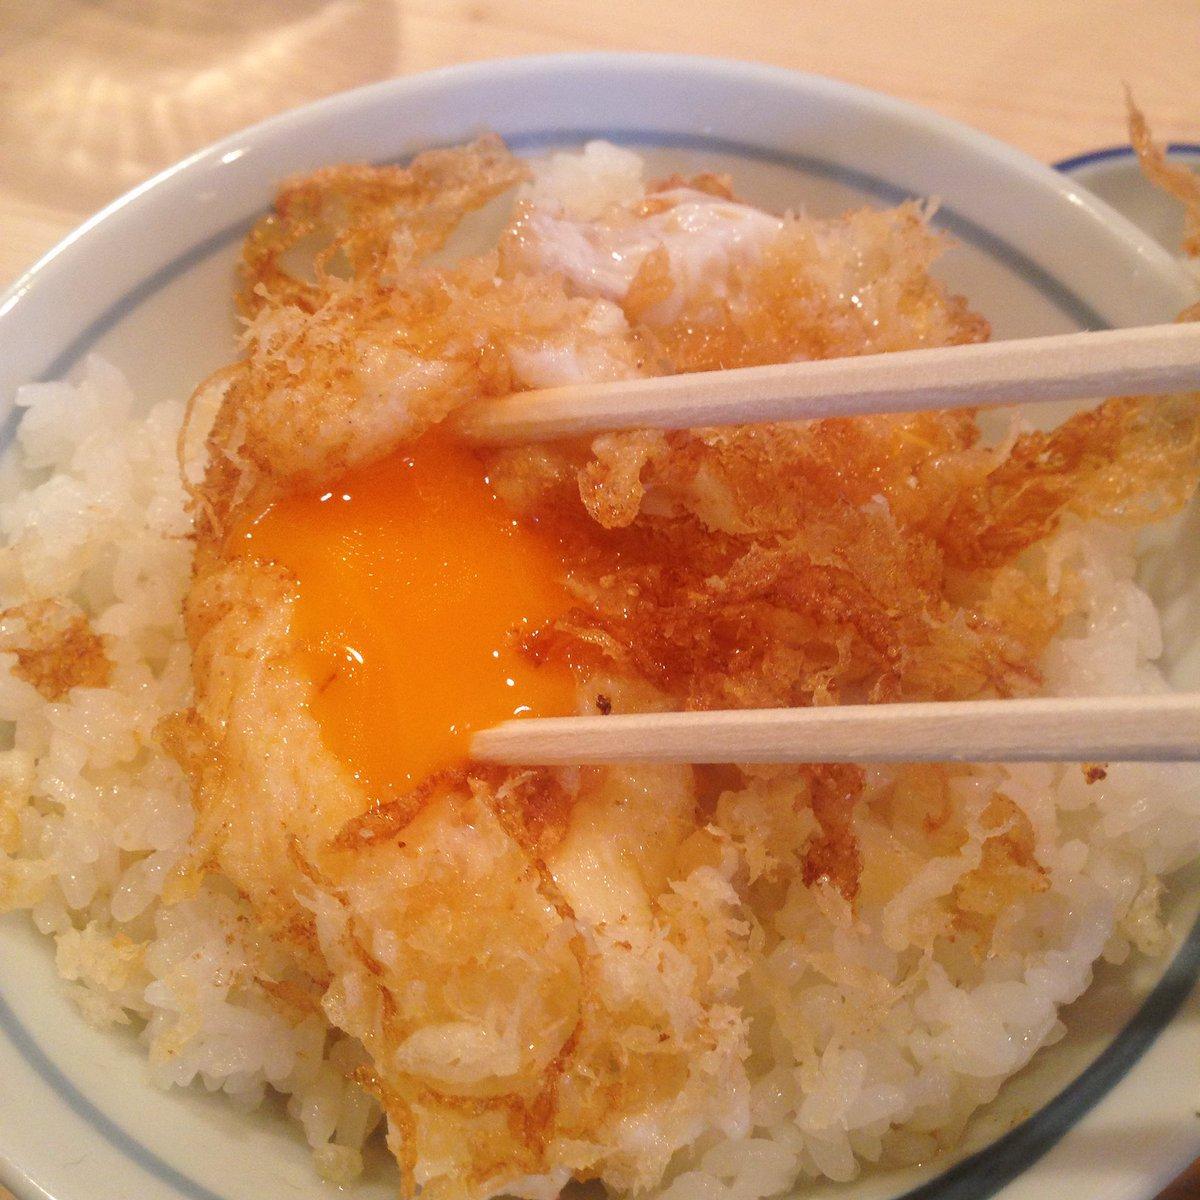 なんと生卵を天ぷらにしたものが乗せられている卵丼!外はサクサク、中はトロ〜。甘い天丼のタレがかかっていてご飯が進みまくる。一口食べれば今までにない奇跡の味を体験できるぞ。 https://t.co/zUZyIJ4hTh